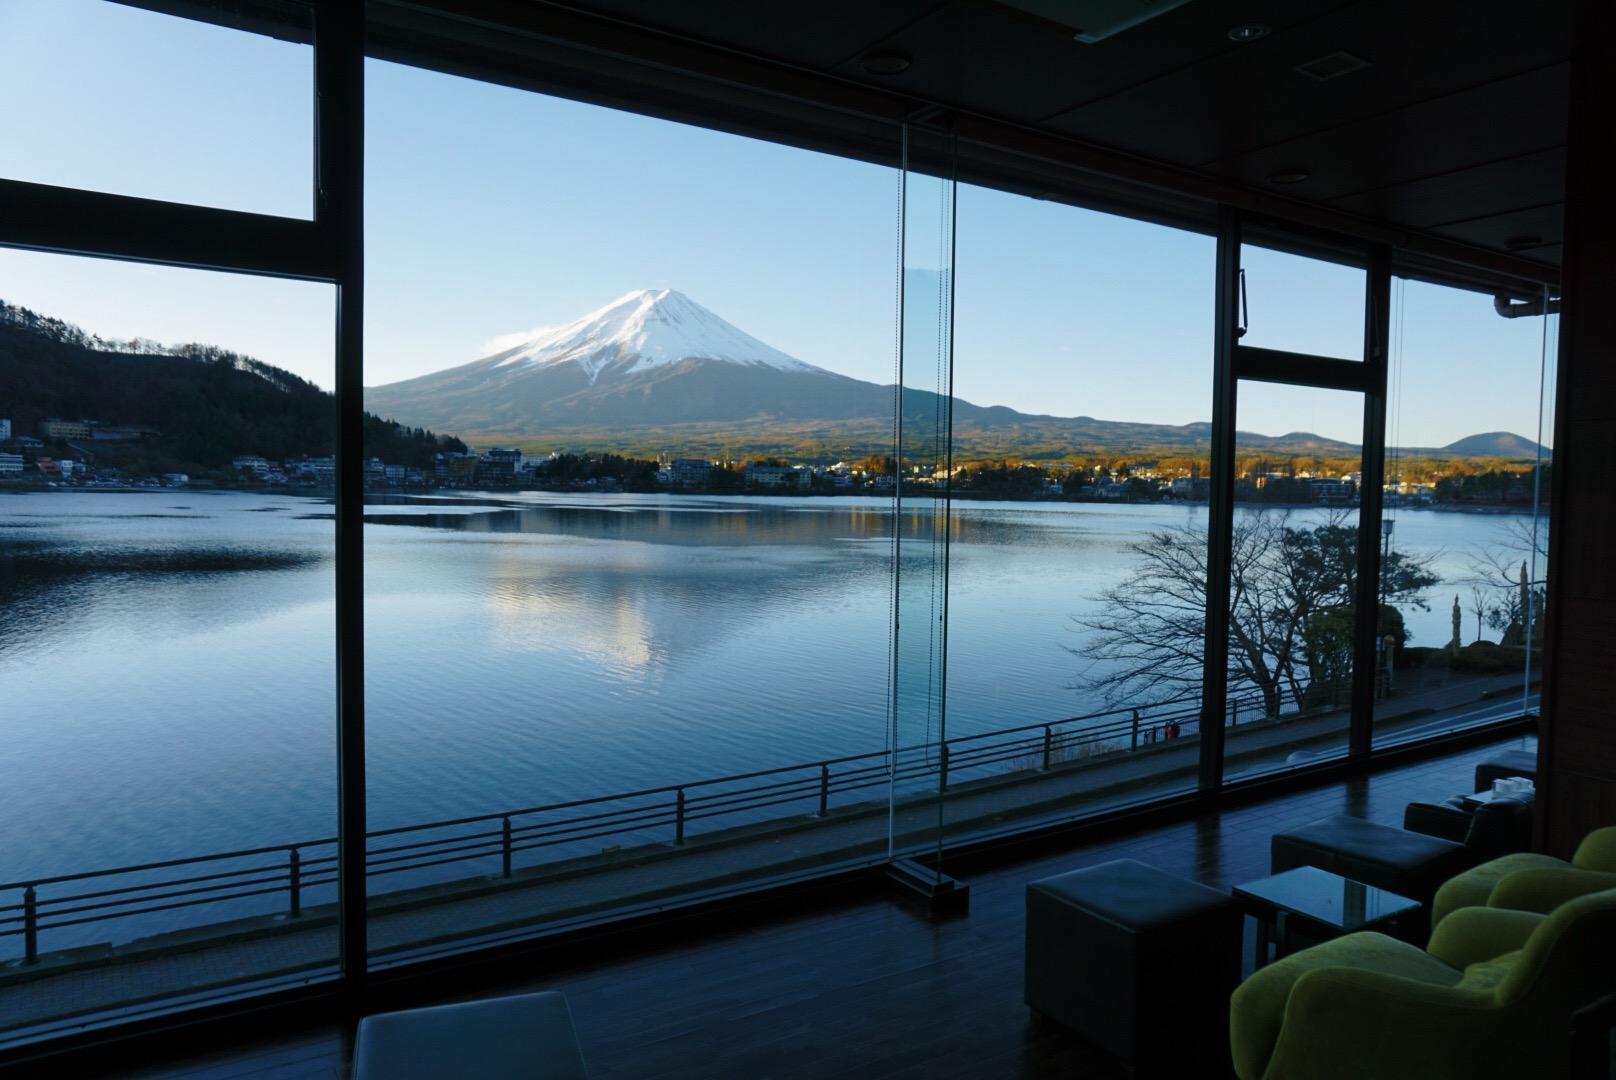 Kozantei Ubuya tea relaxation room